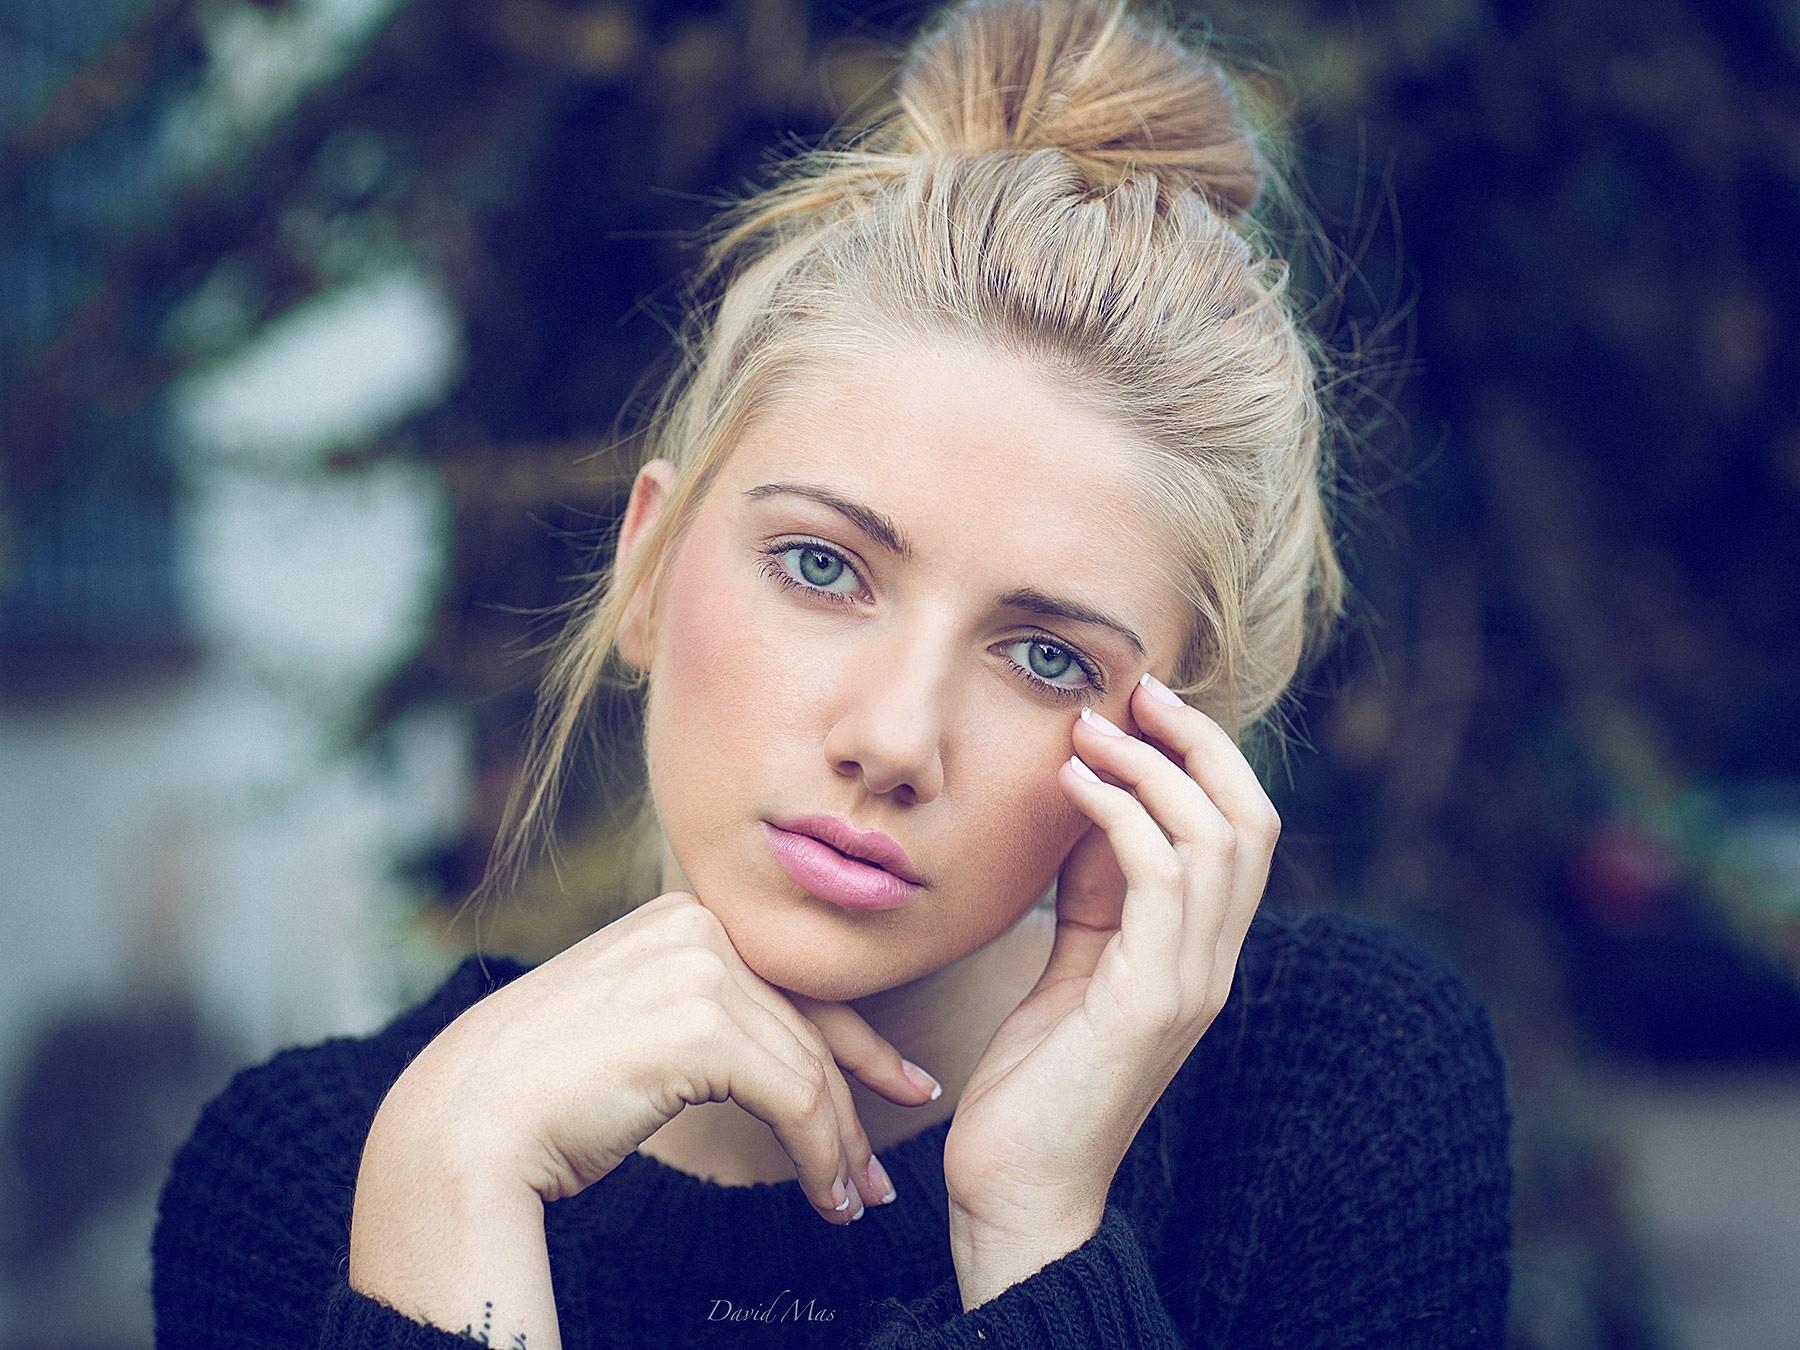 собраны всех профессиональная фотосессия голубоглазой блондинки талия